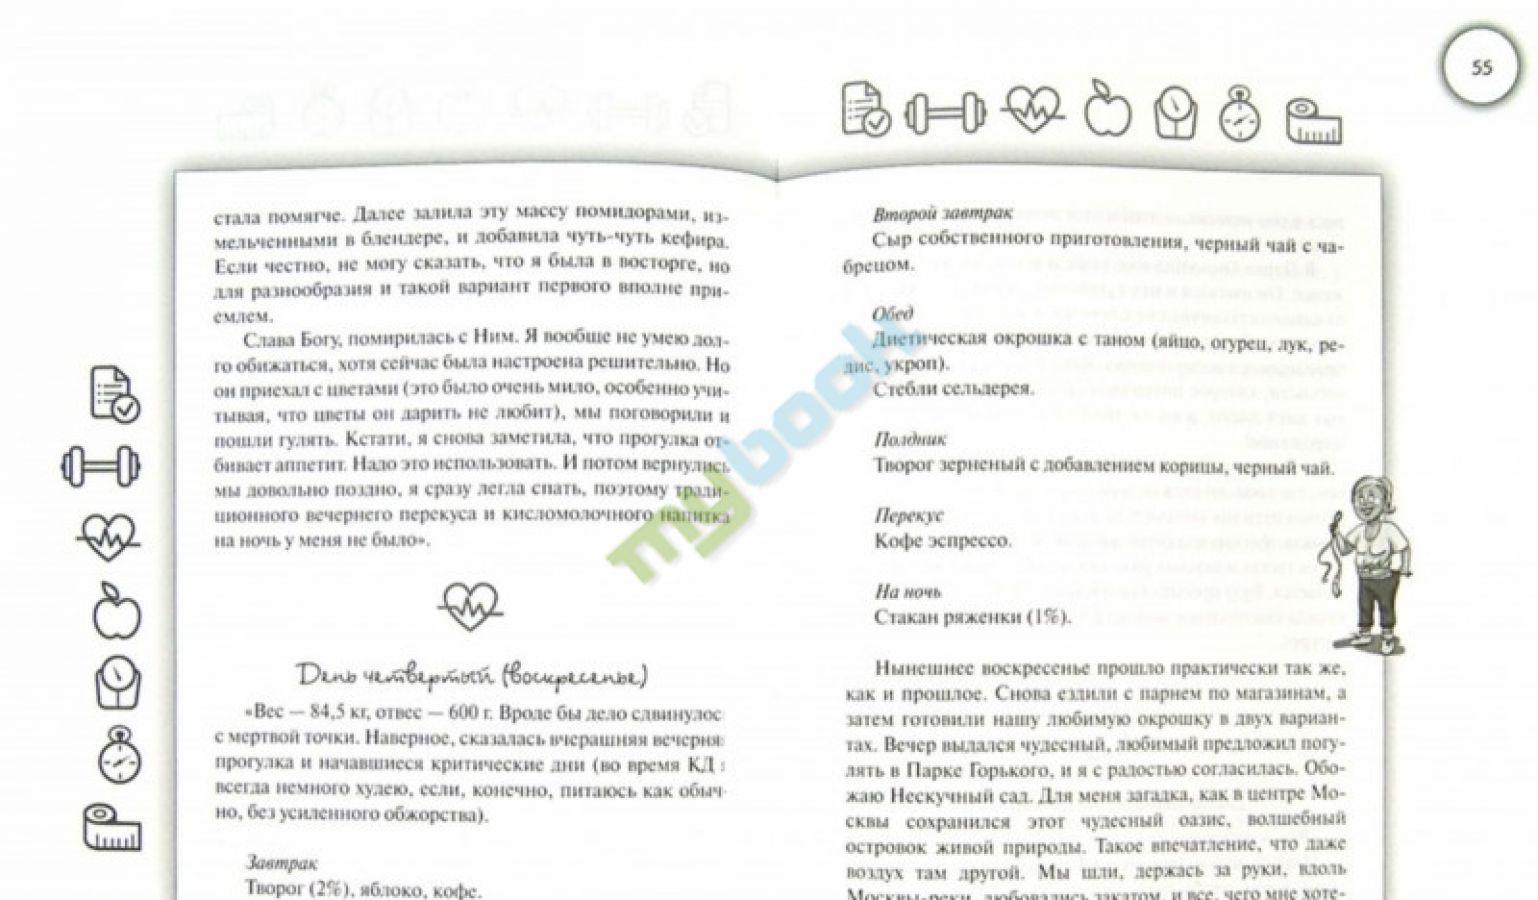 Пятинедельная Диета Кима Протасова. Диета Протасова